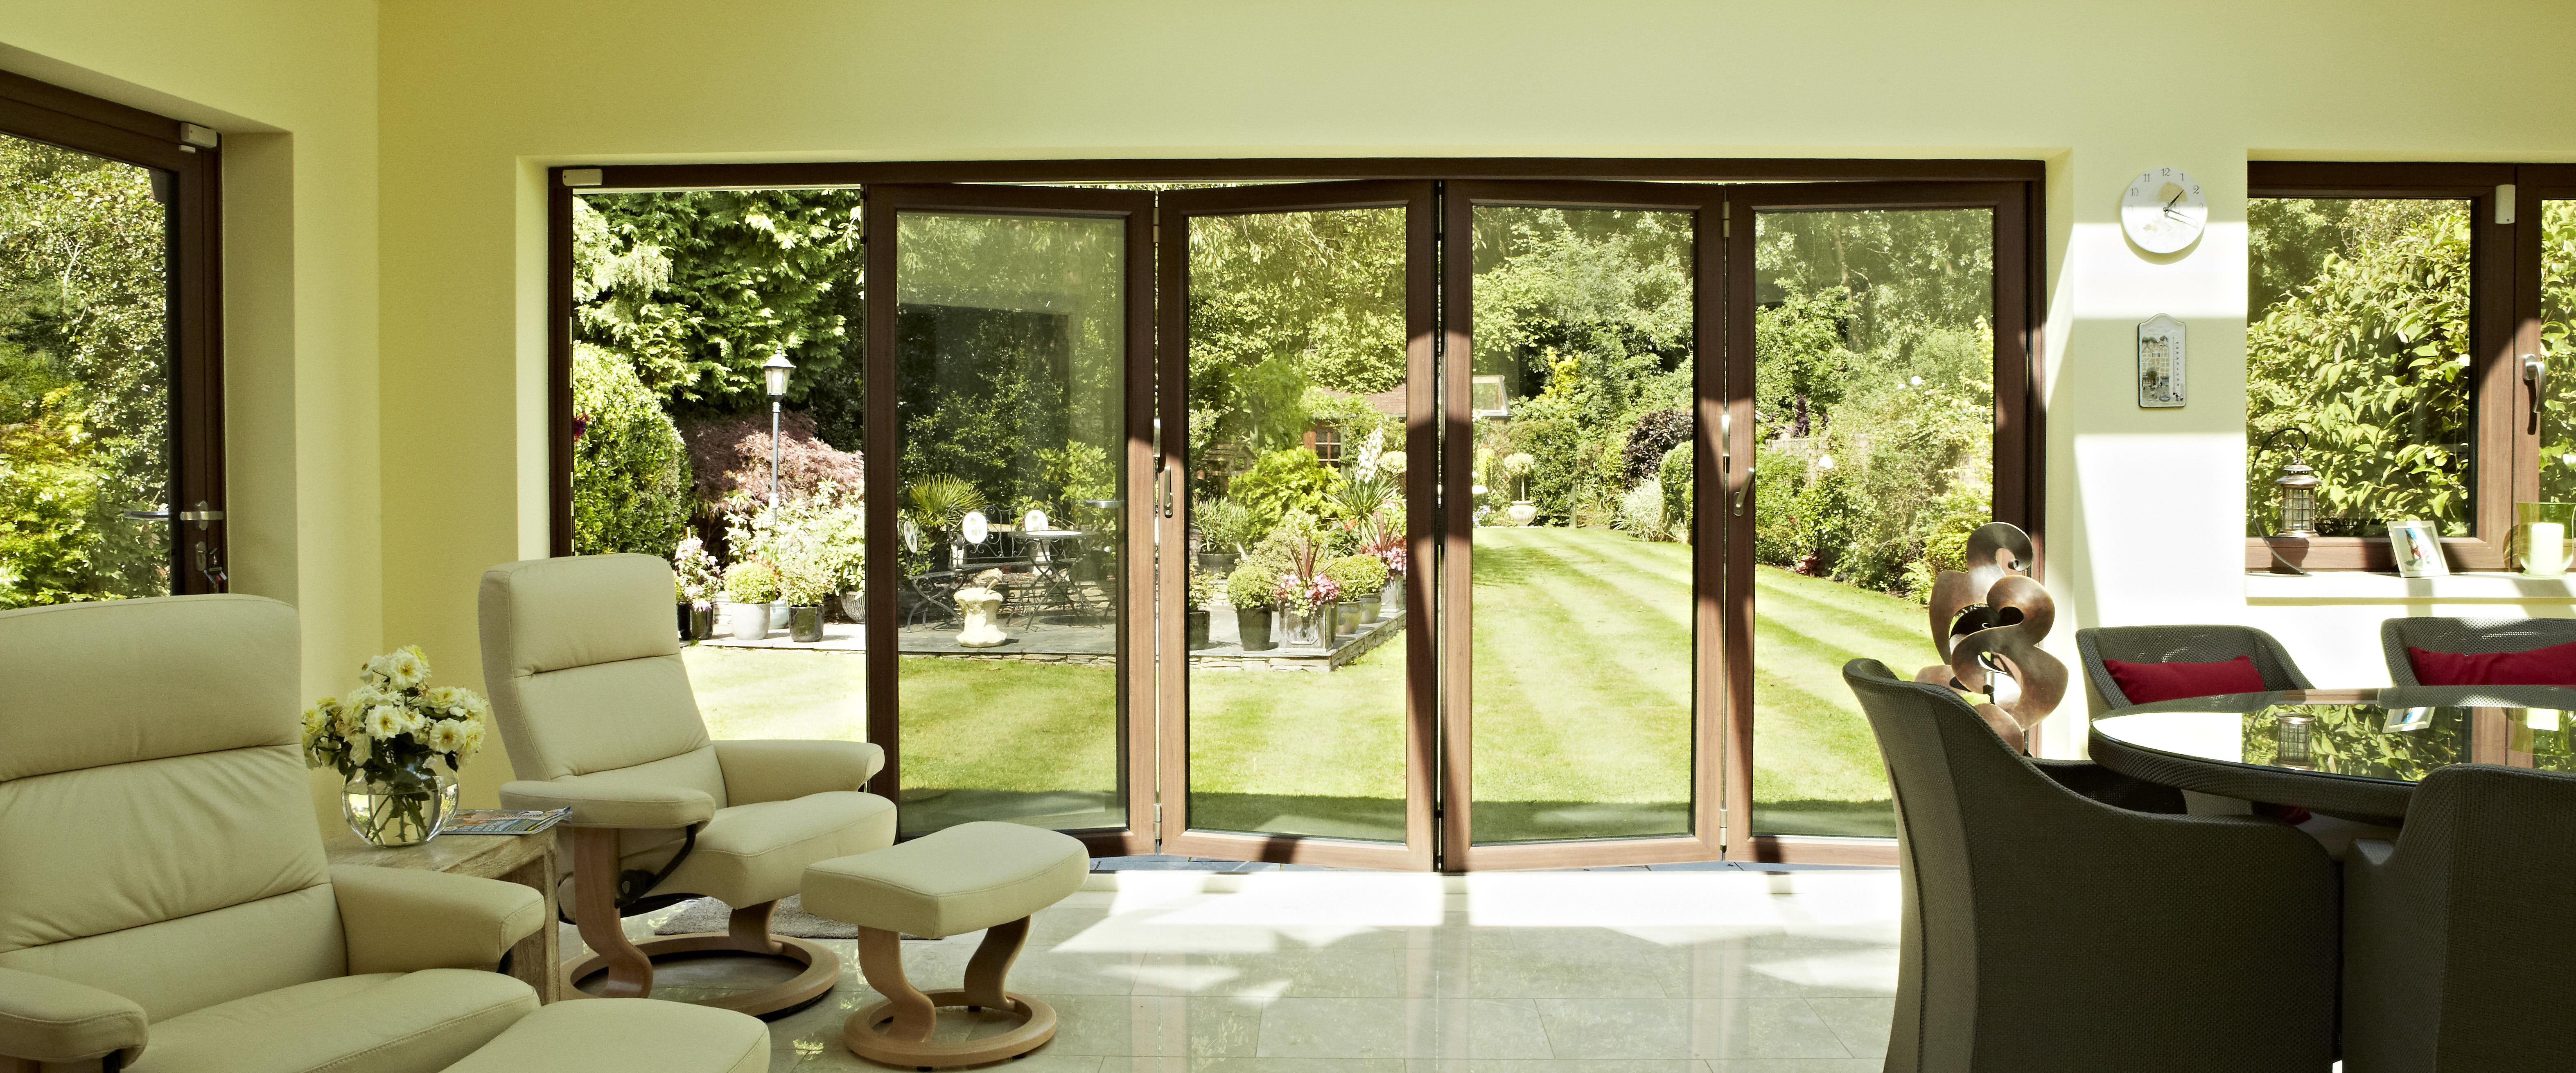 8 reasons why aluminium is the best material for bi fold doors aluminium doors are energy efficient rubansaba